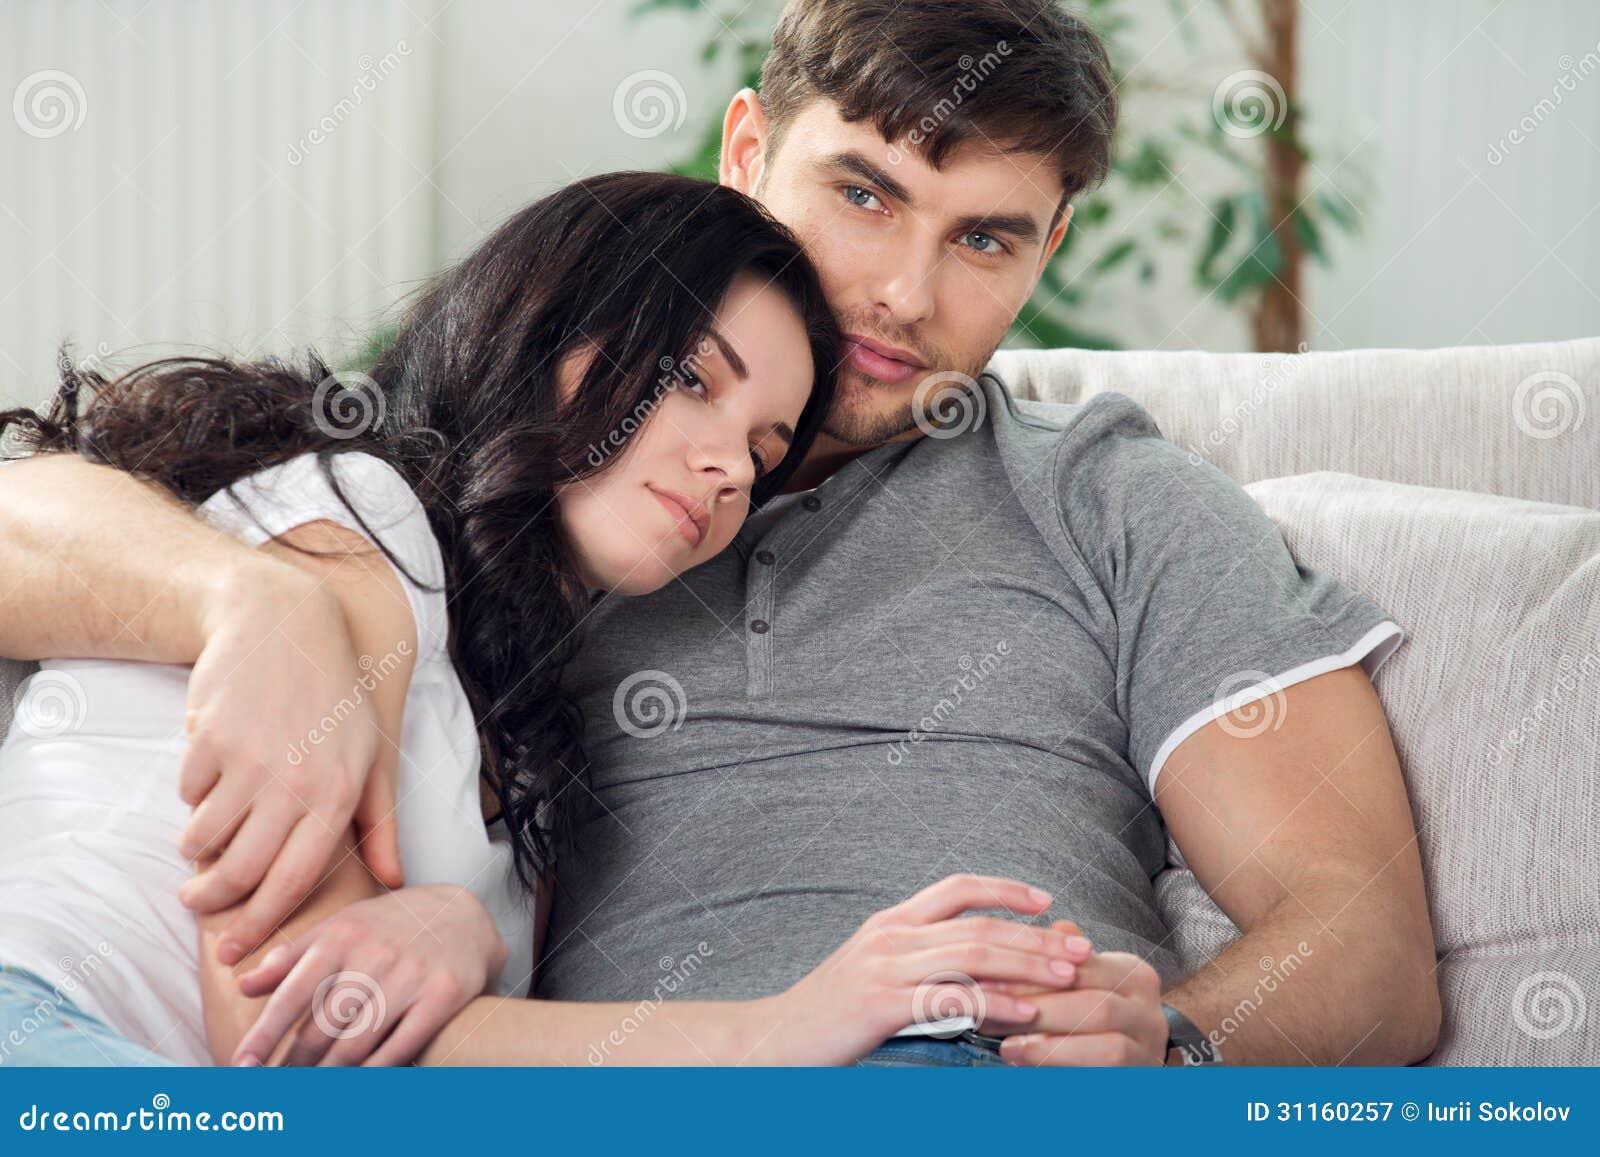 Анальный секс  смотрим анал в HD онлайн